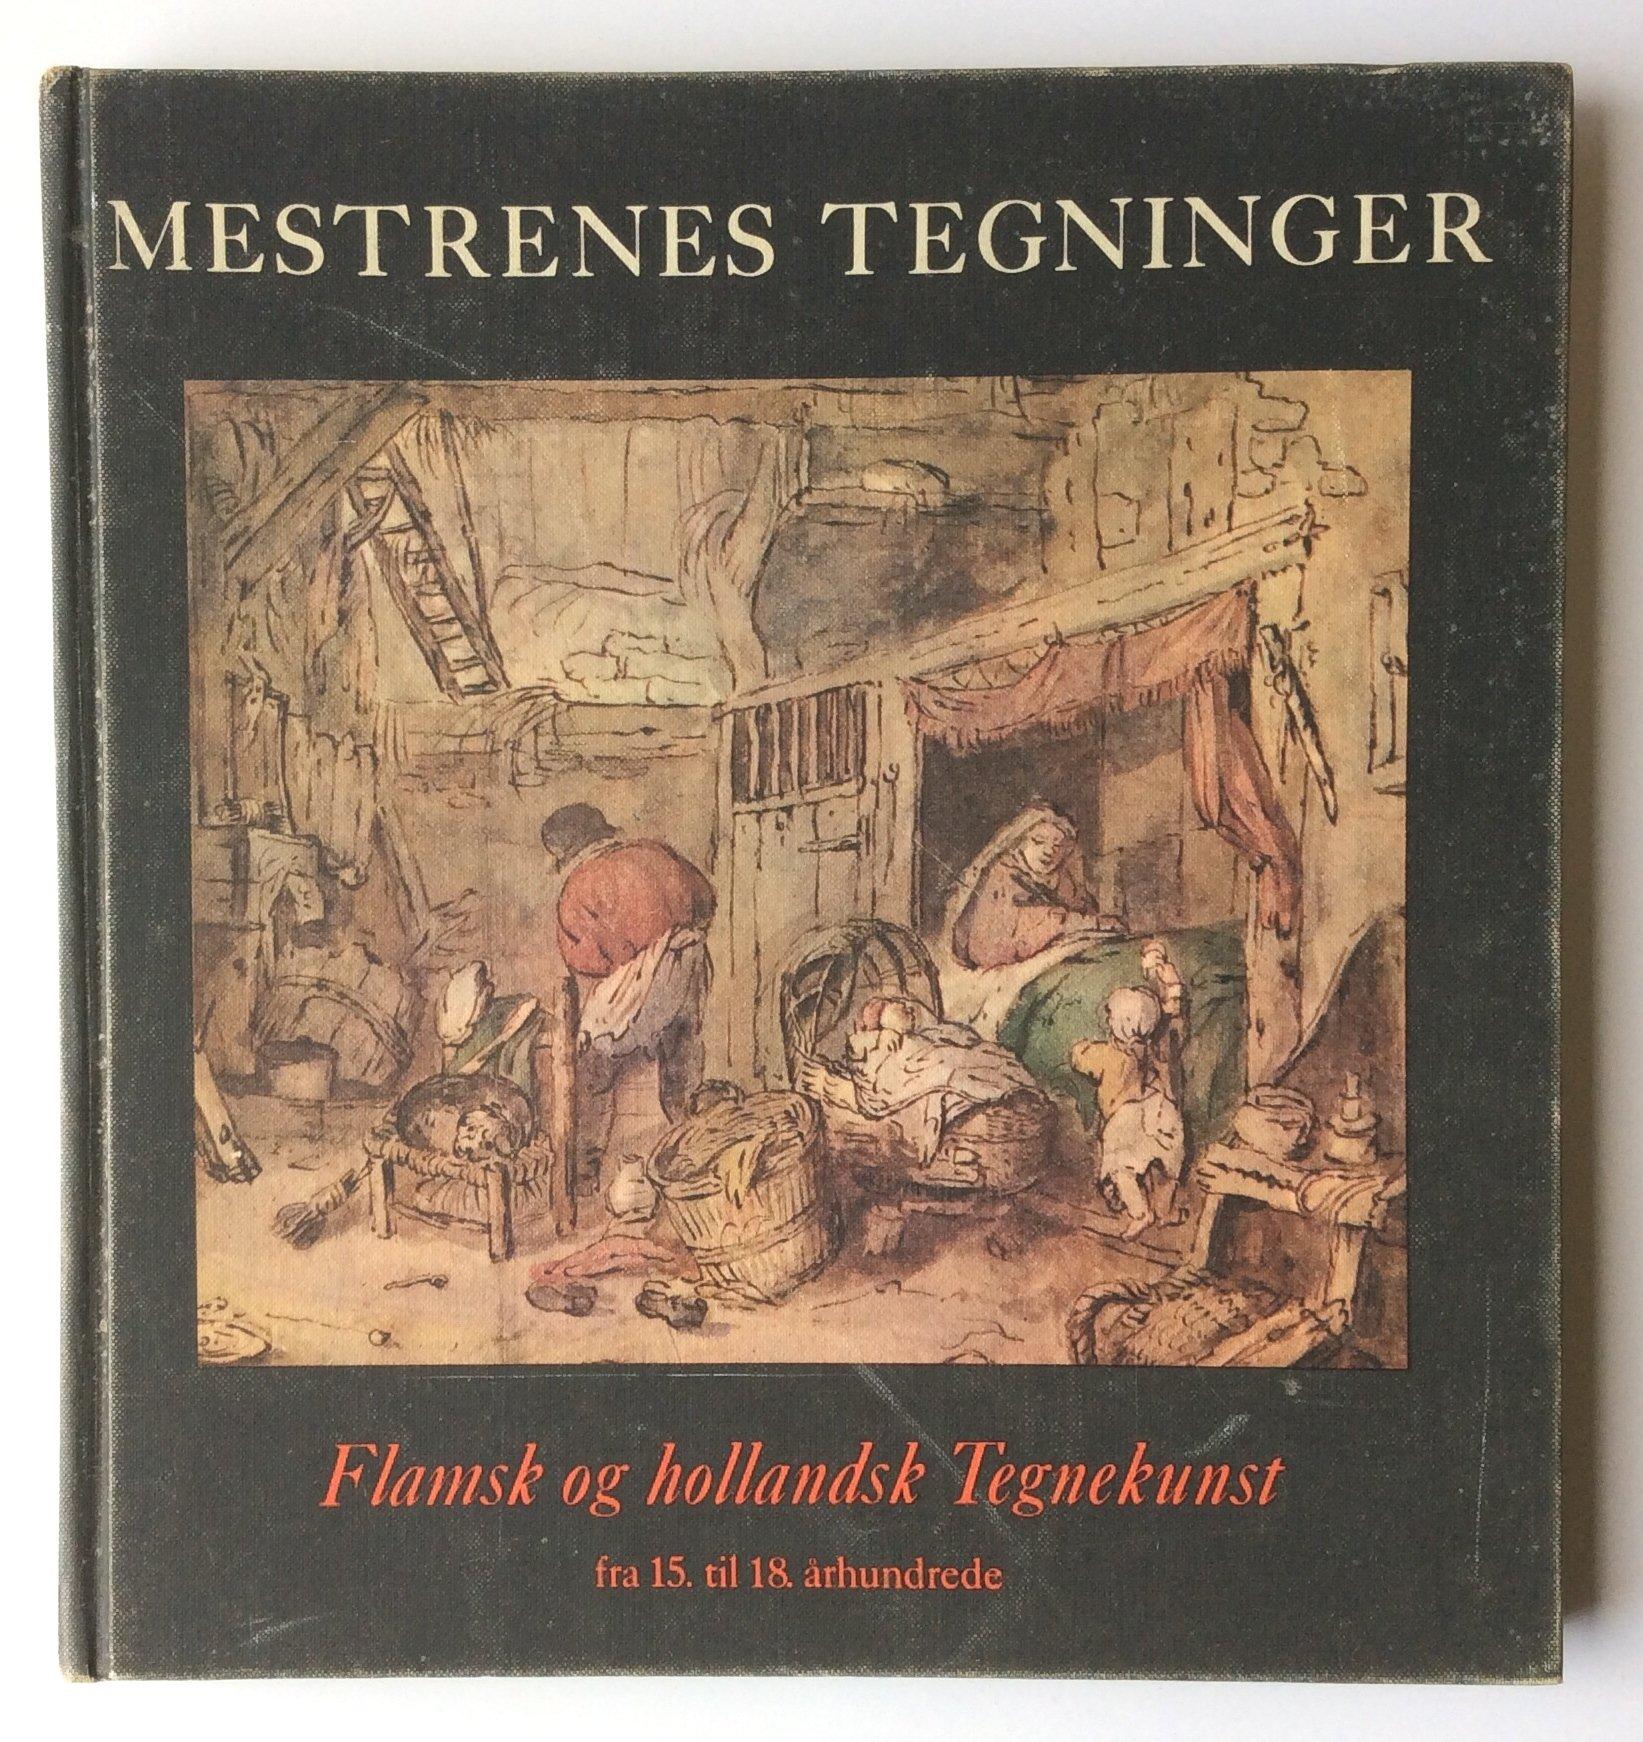 flamsk og hollandsk tegnekunst fra 15 til 18 arhundrede mestrenes tegninger danish edition